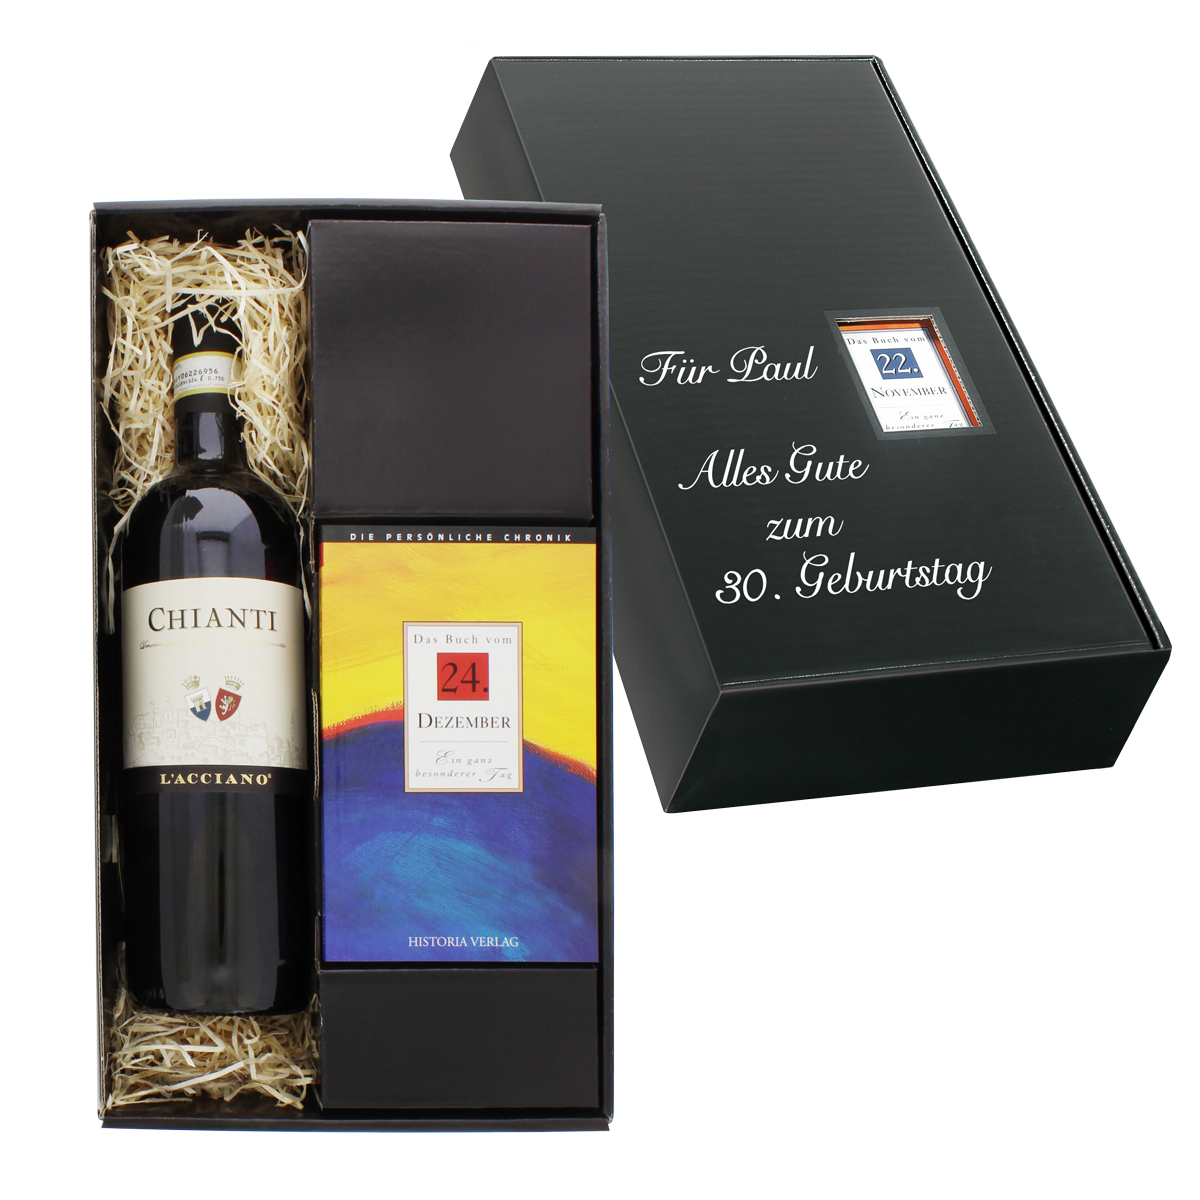 Italien-Set: Tageschronik vom 17. Februar & Chianti-Wein